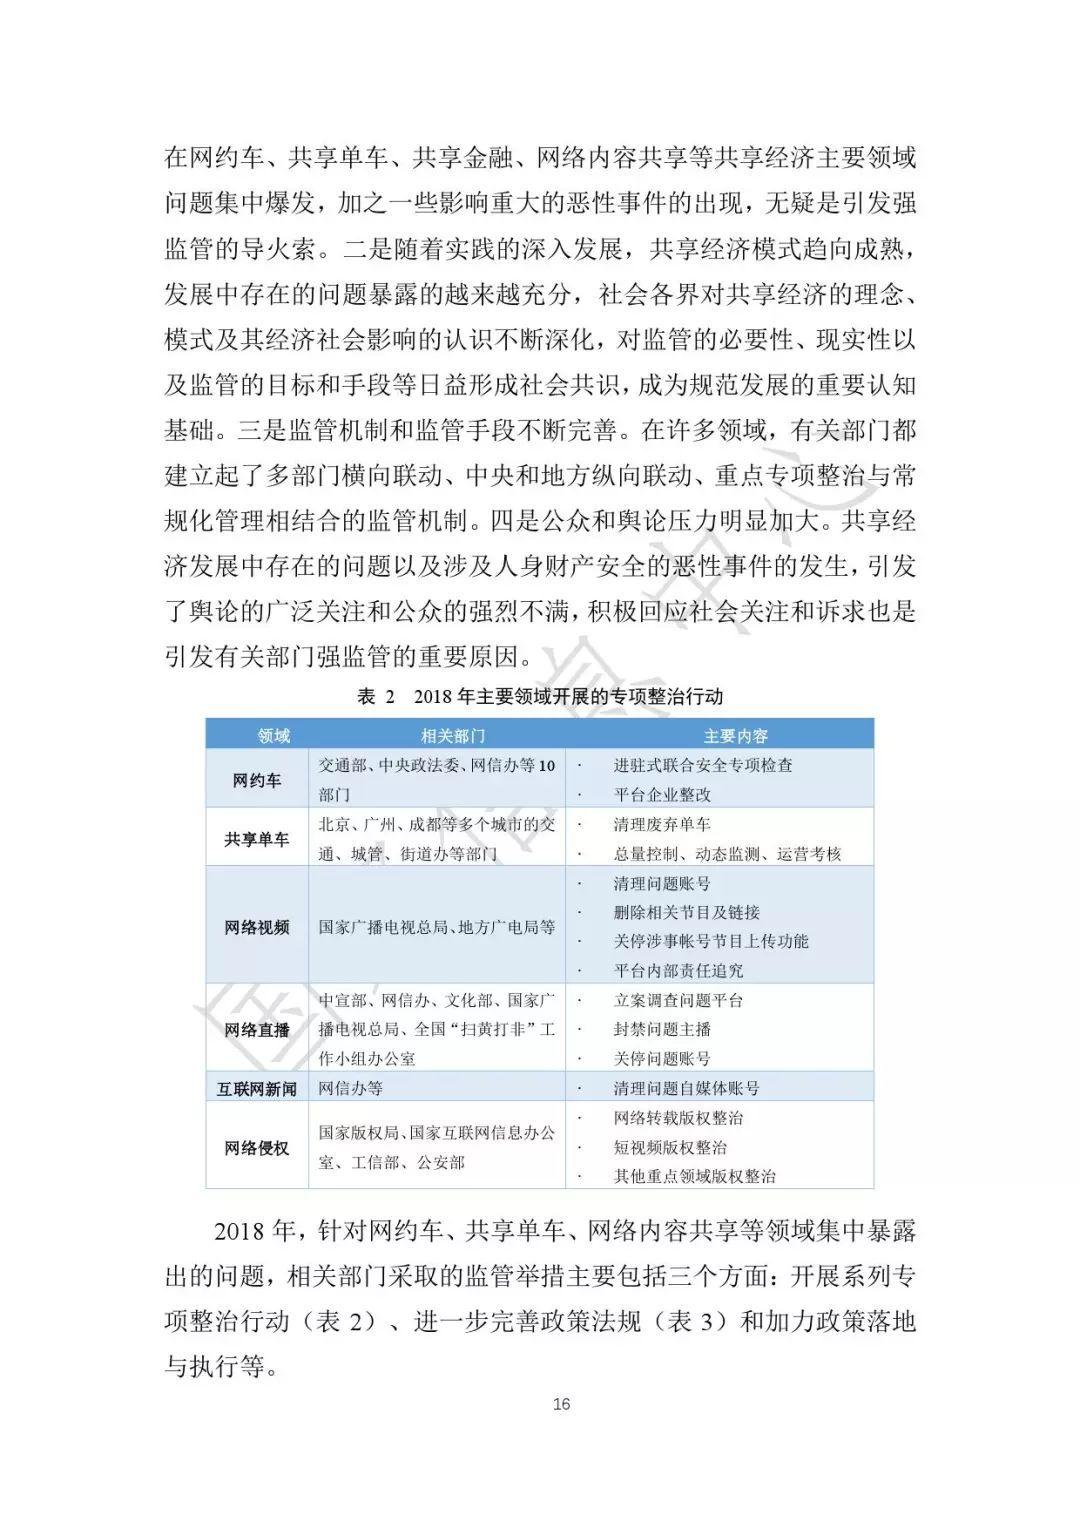 2019年度经济报告_中国共享经济发展年度报告 2019